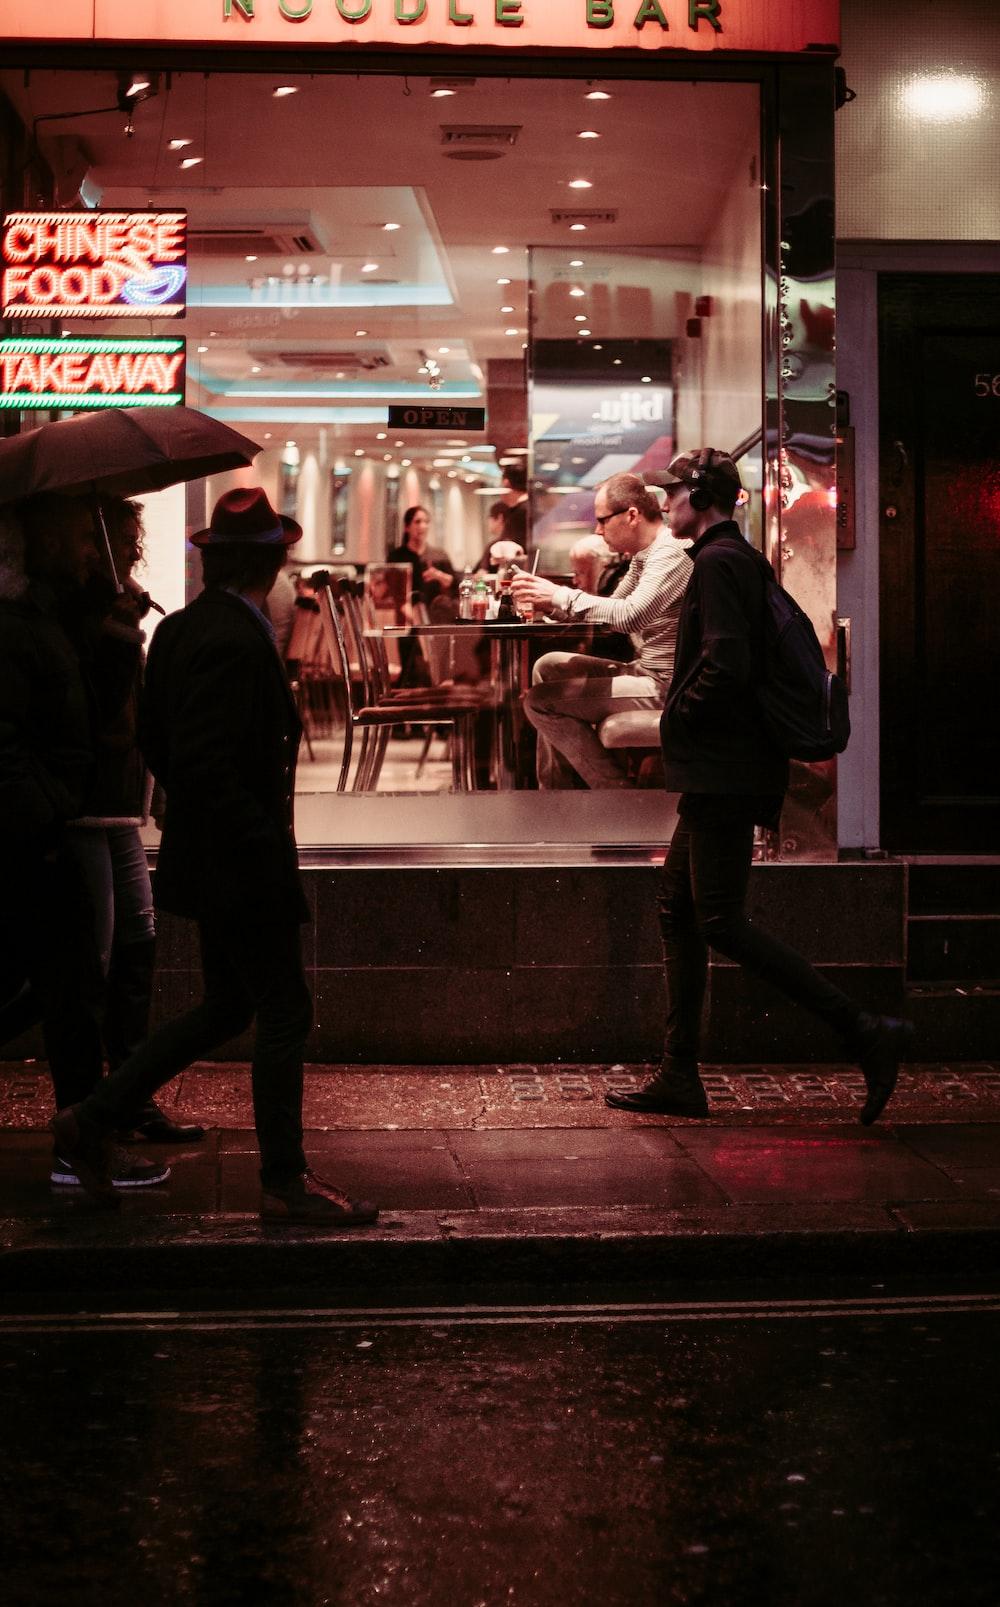 man walking near restaurant wearing jacket